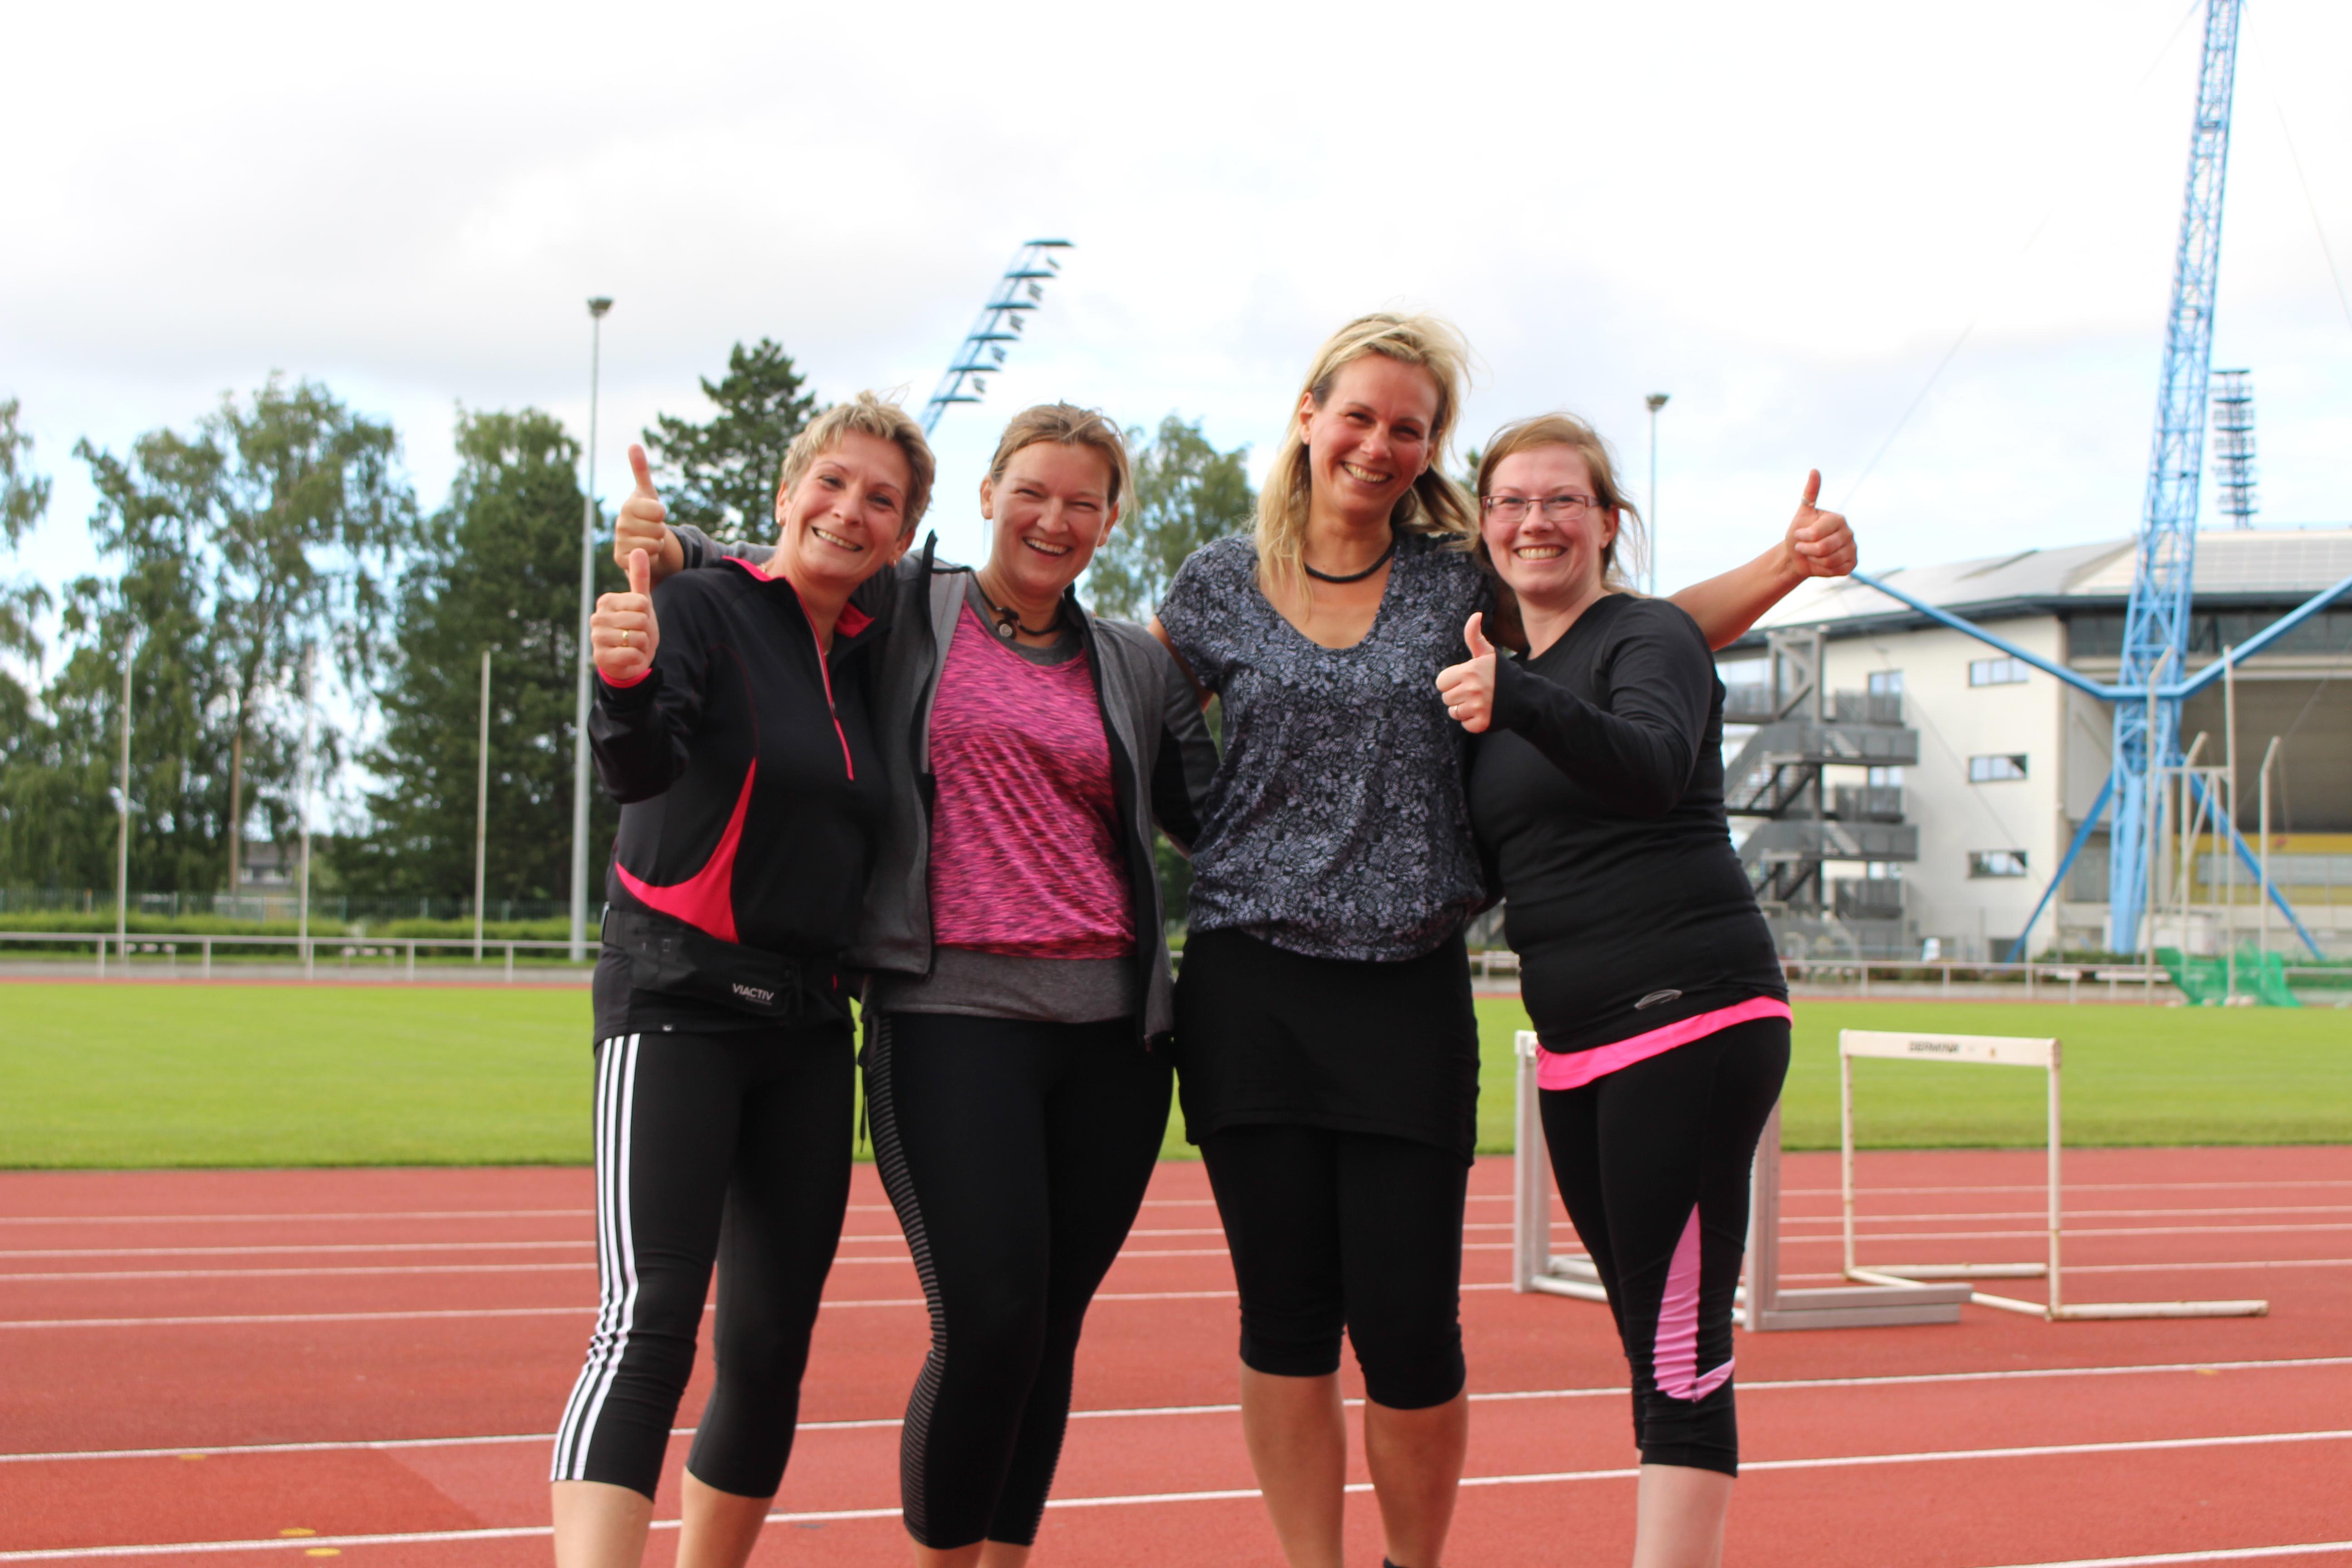 Laufkurs für den 15. Rostocker Frauenlauf